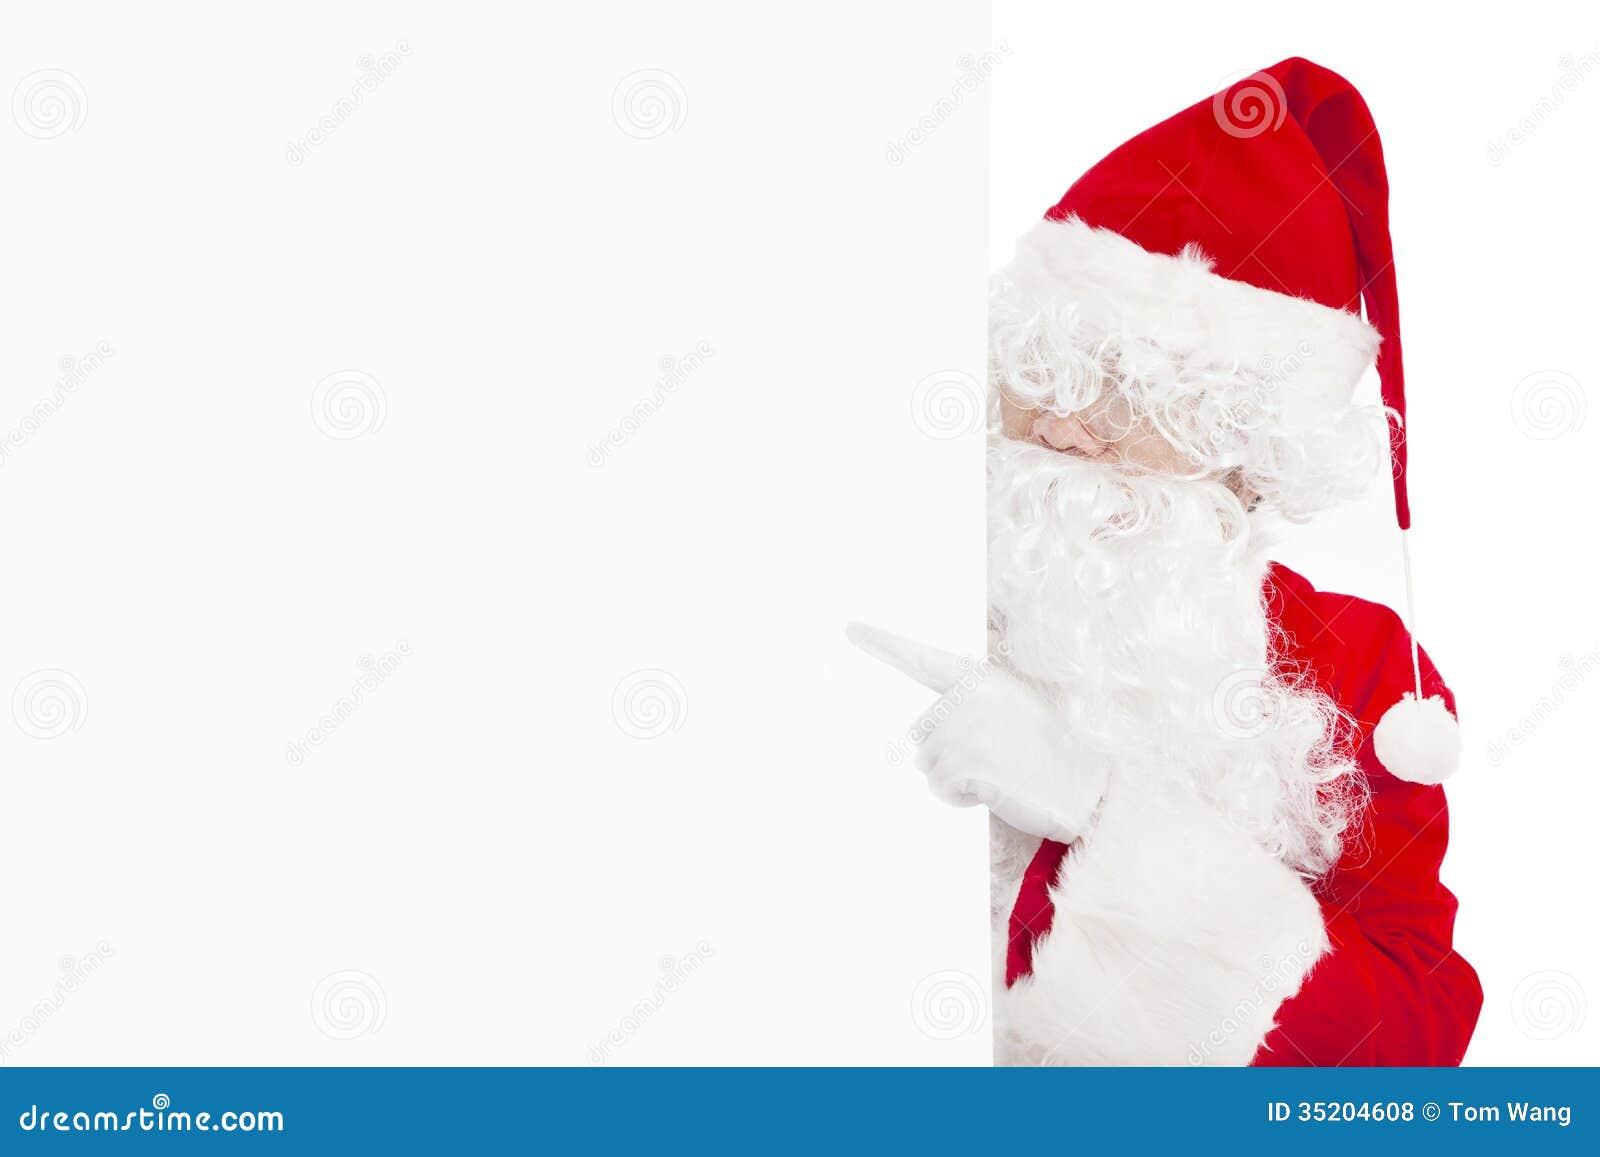 Santa claus pointing at blank banner royalty free stock